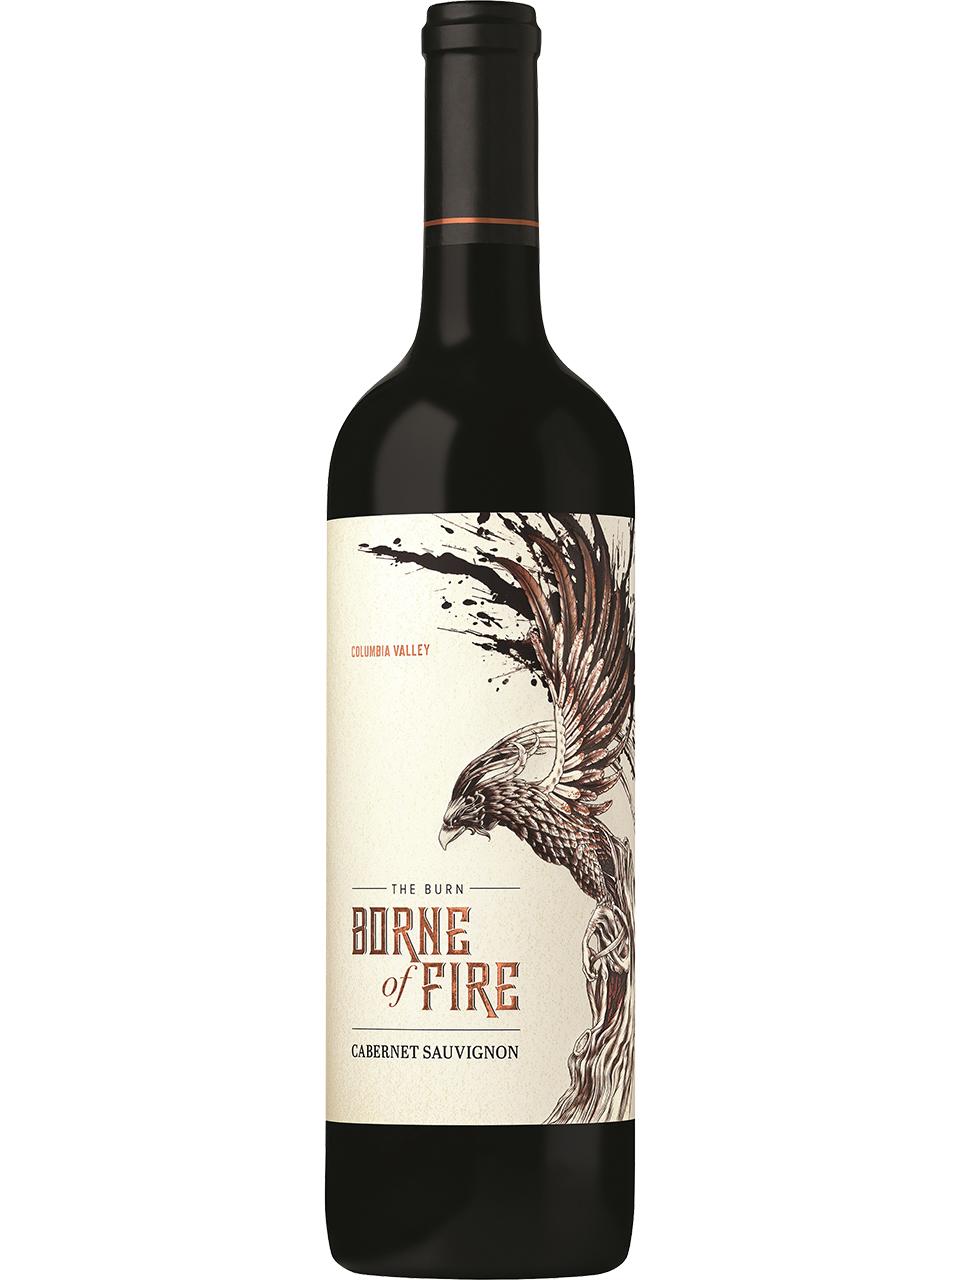 The Burn Borne of Fire Cabernet Sauvignon